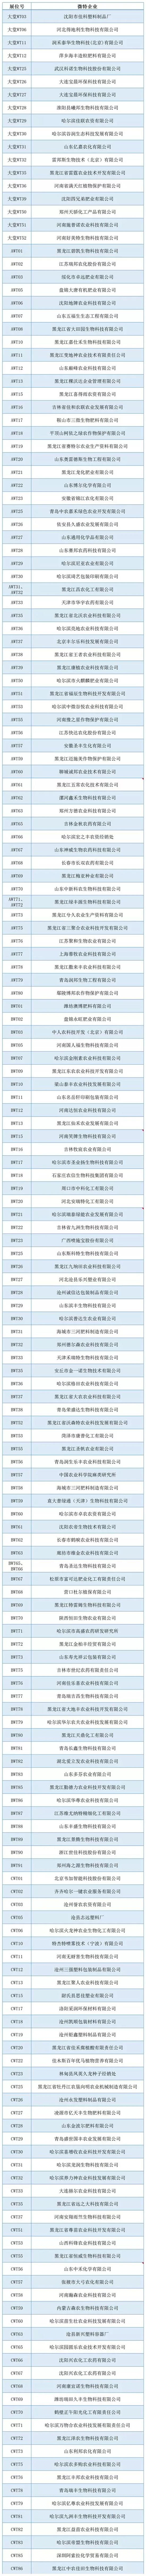 2019第34届黑龙江植保会特展、微特参展企业名录